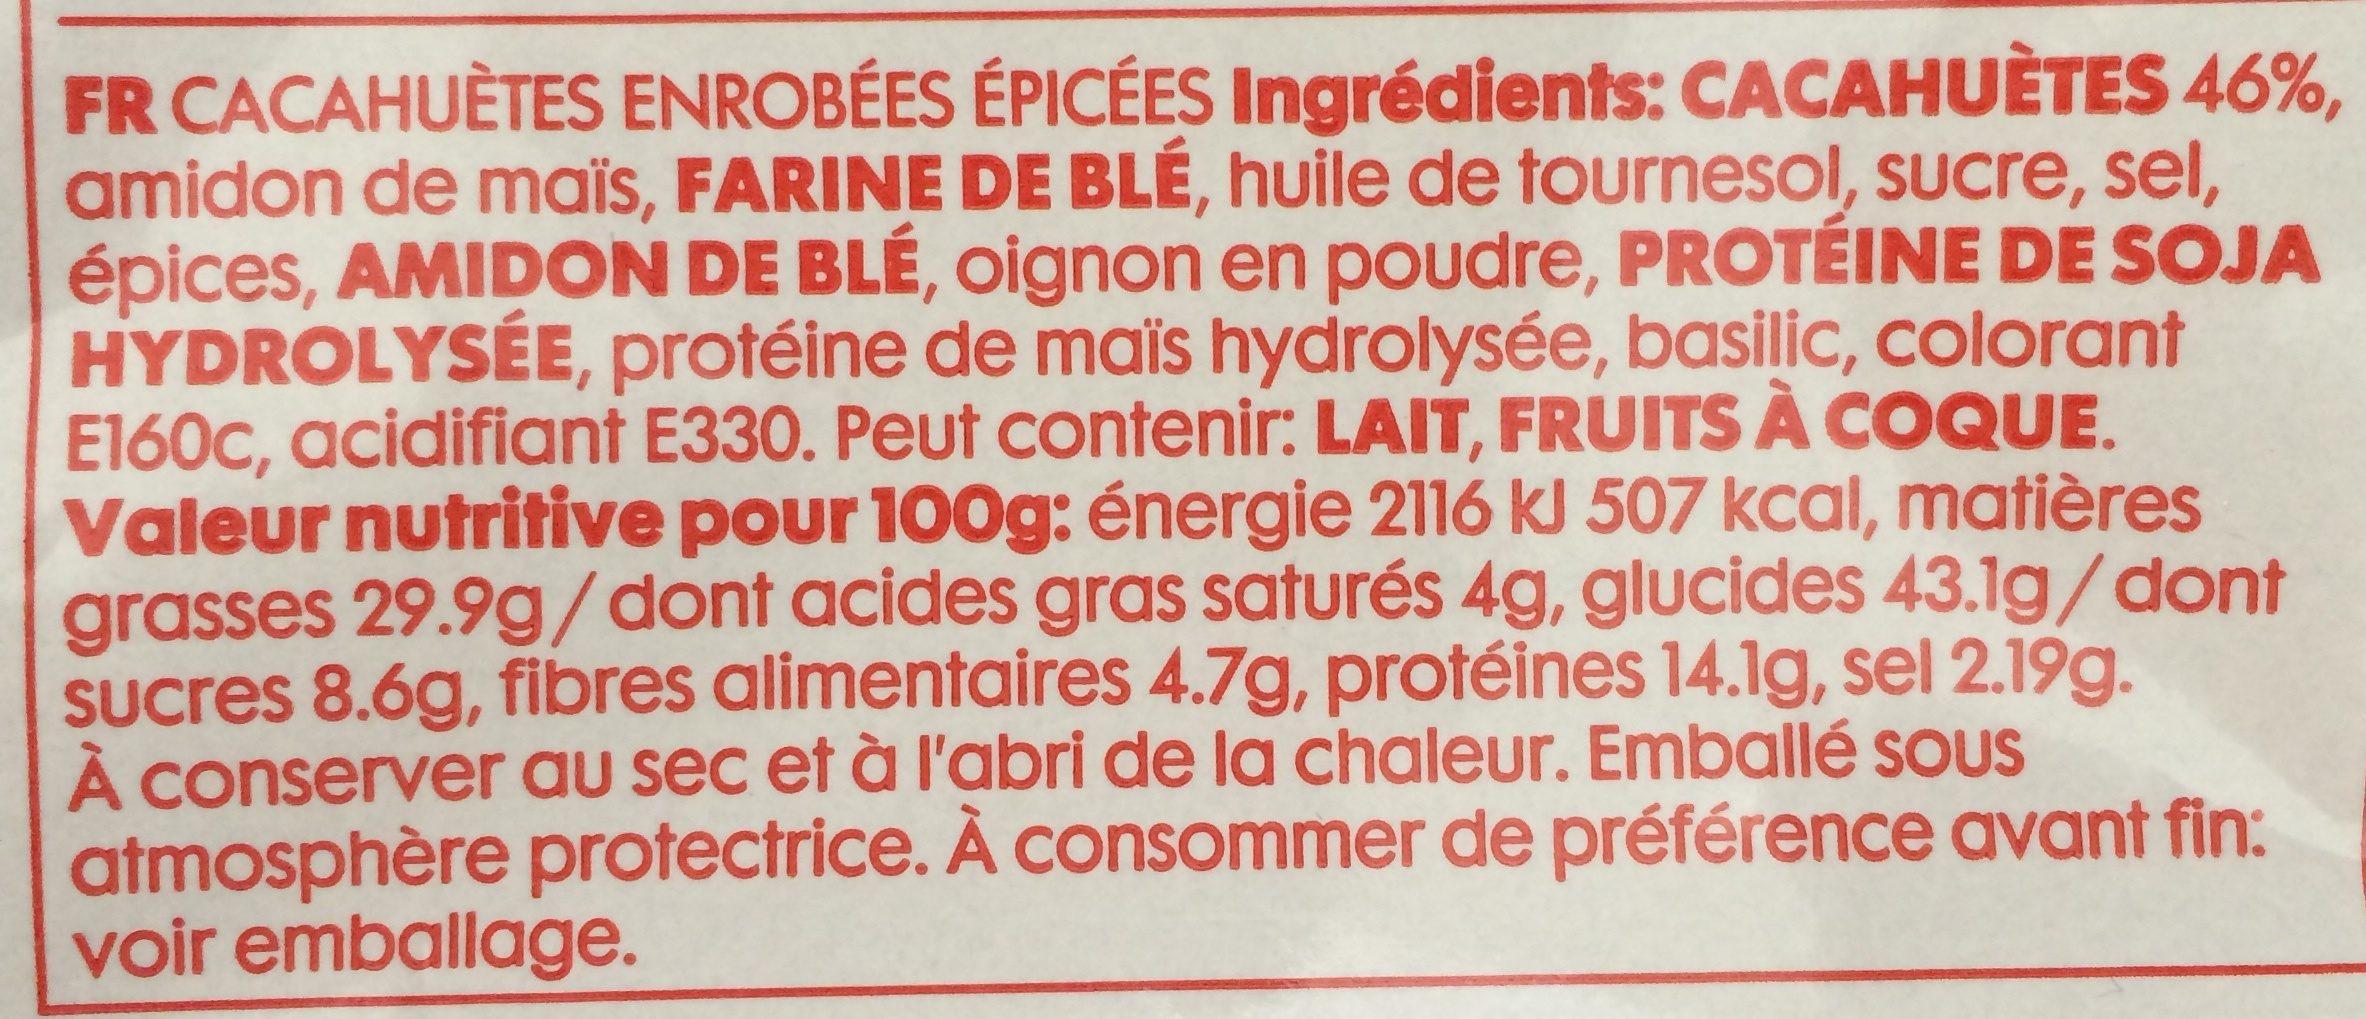 Cacahuète épicées - Ingredients - fr